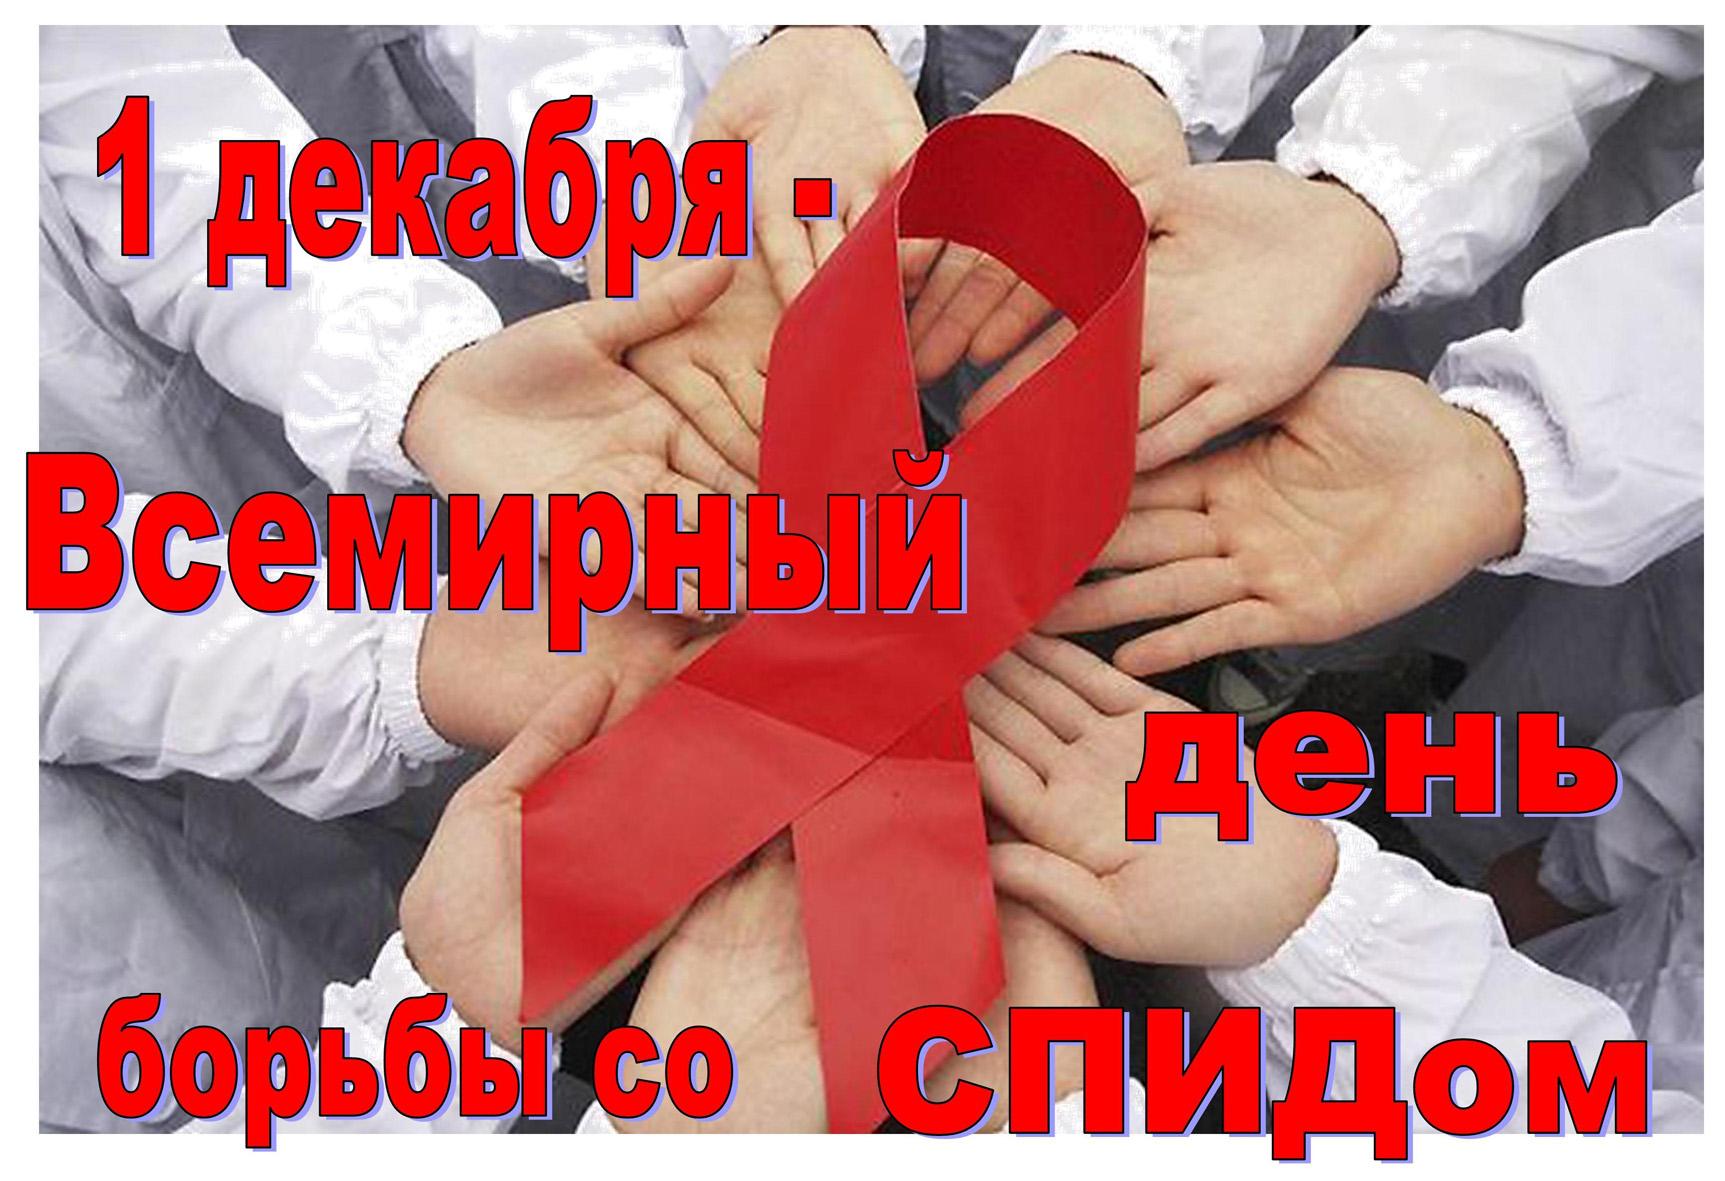 С 28 ноября по 4 декабря 2016 года проводится всероссийская акция стоп вич/спид, приуроченная ко всемирному дню